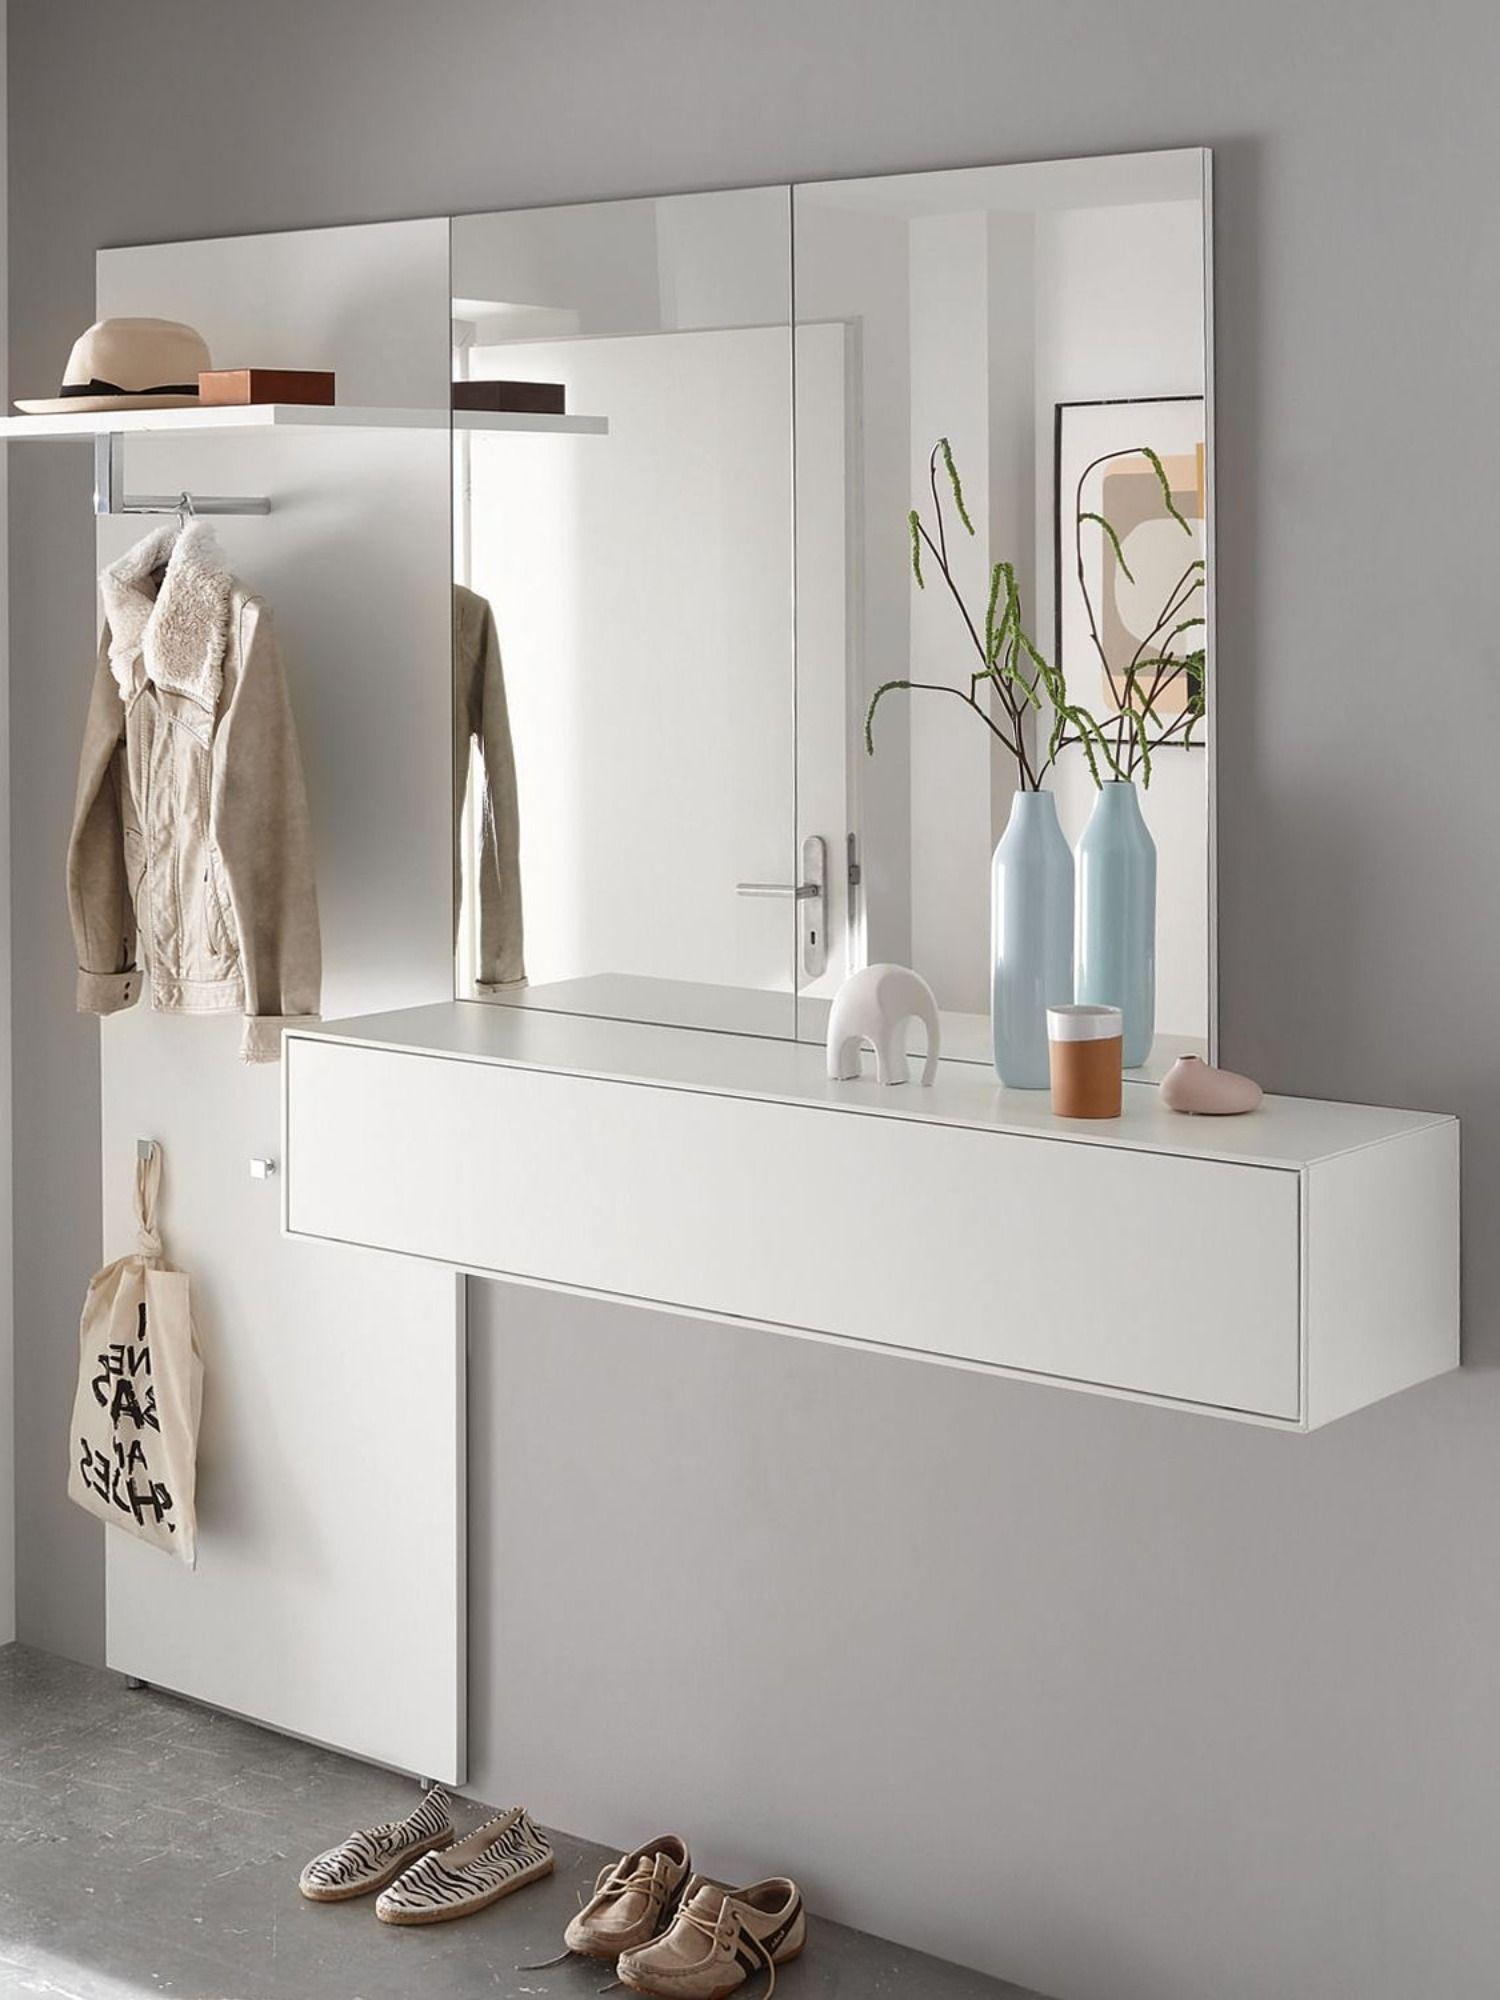 Garderobenset Hulsta Now Easy Kaufen Home24 Garderoben Set Garderobenset Garderobe Schuhschrank